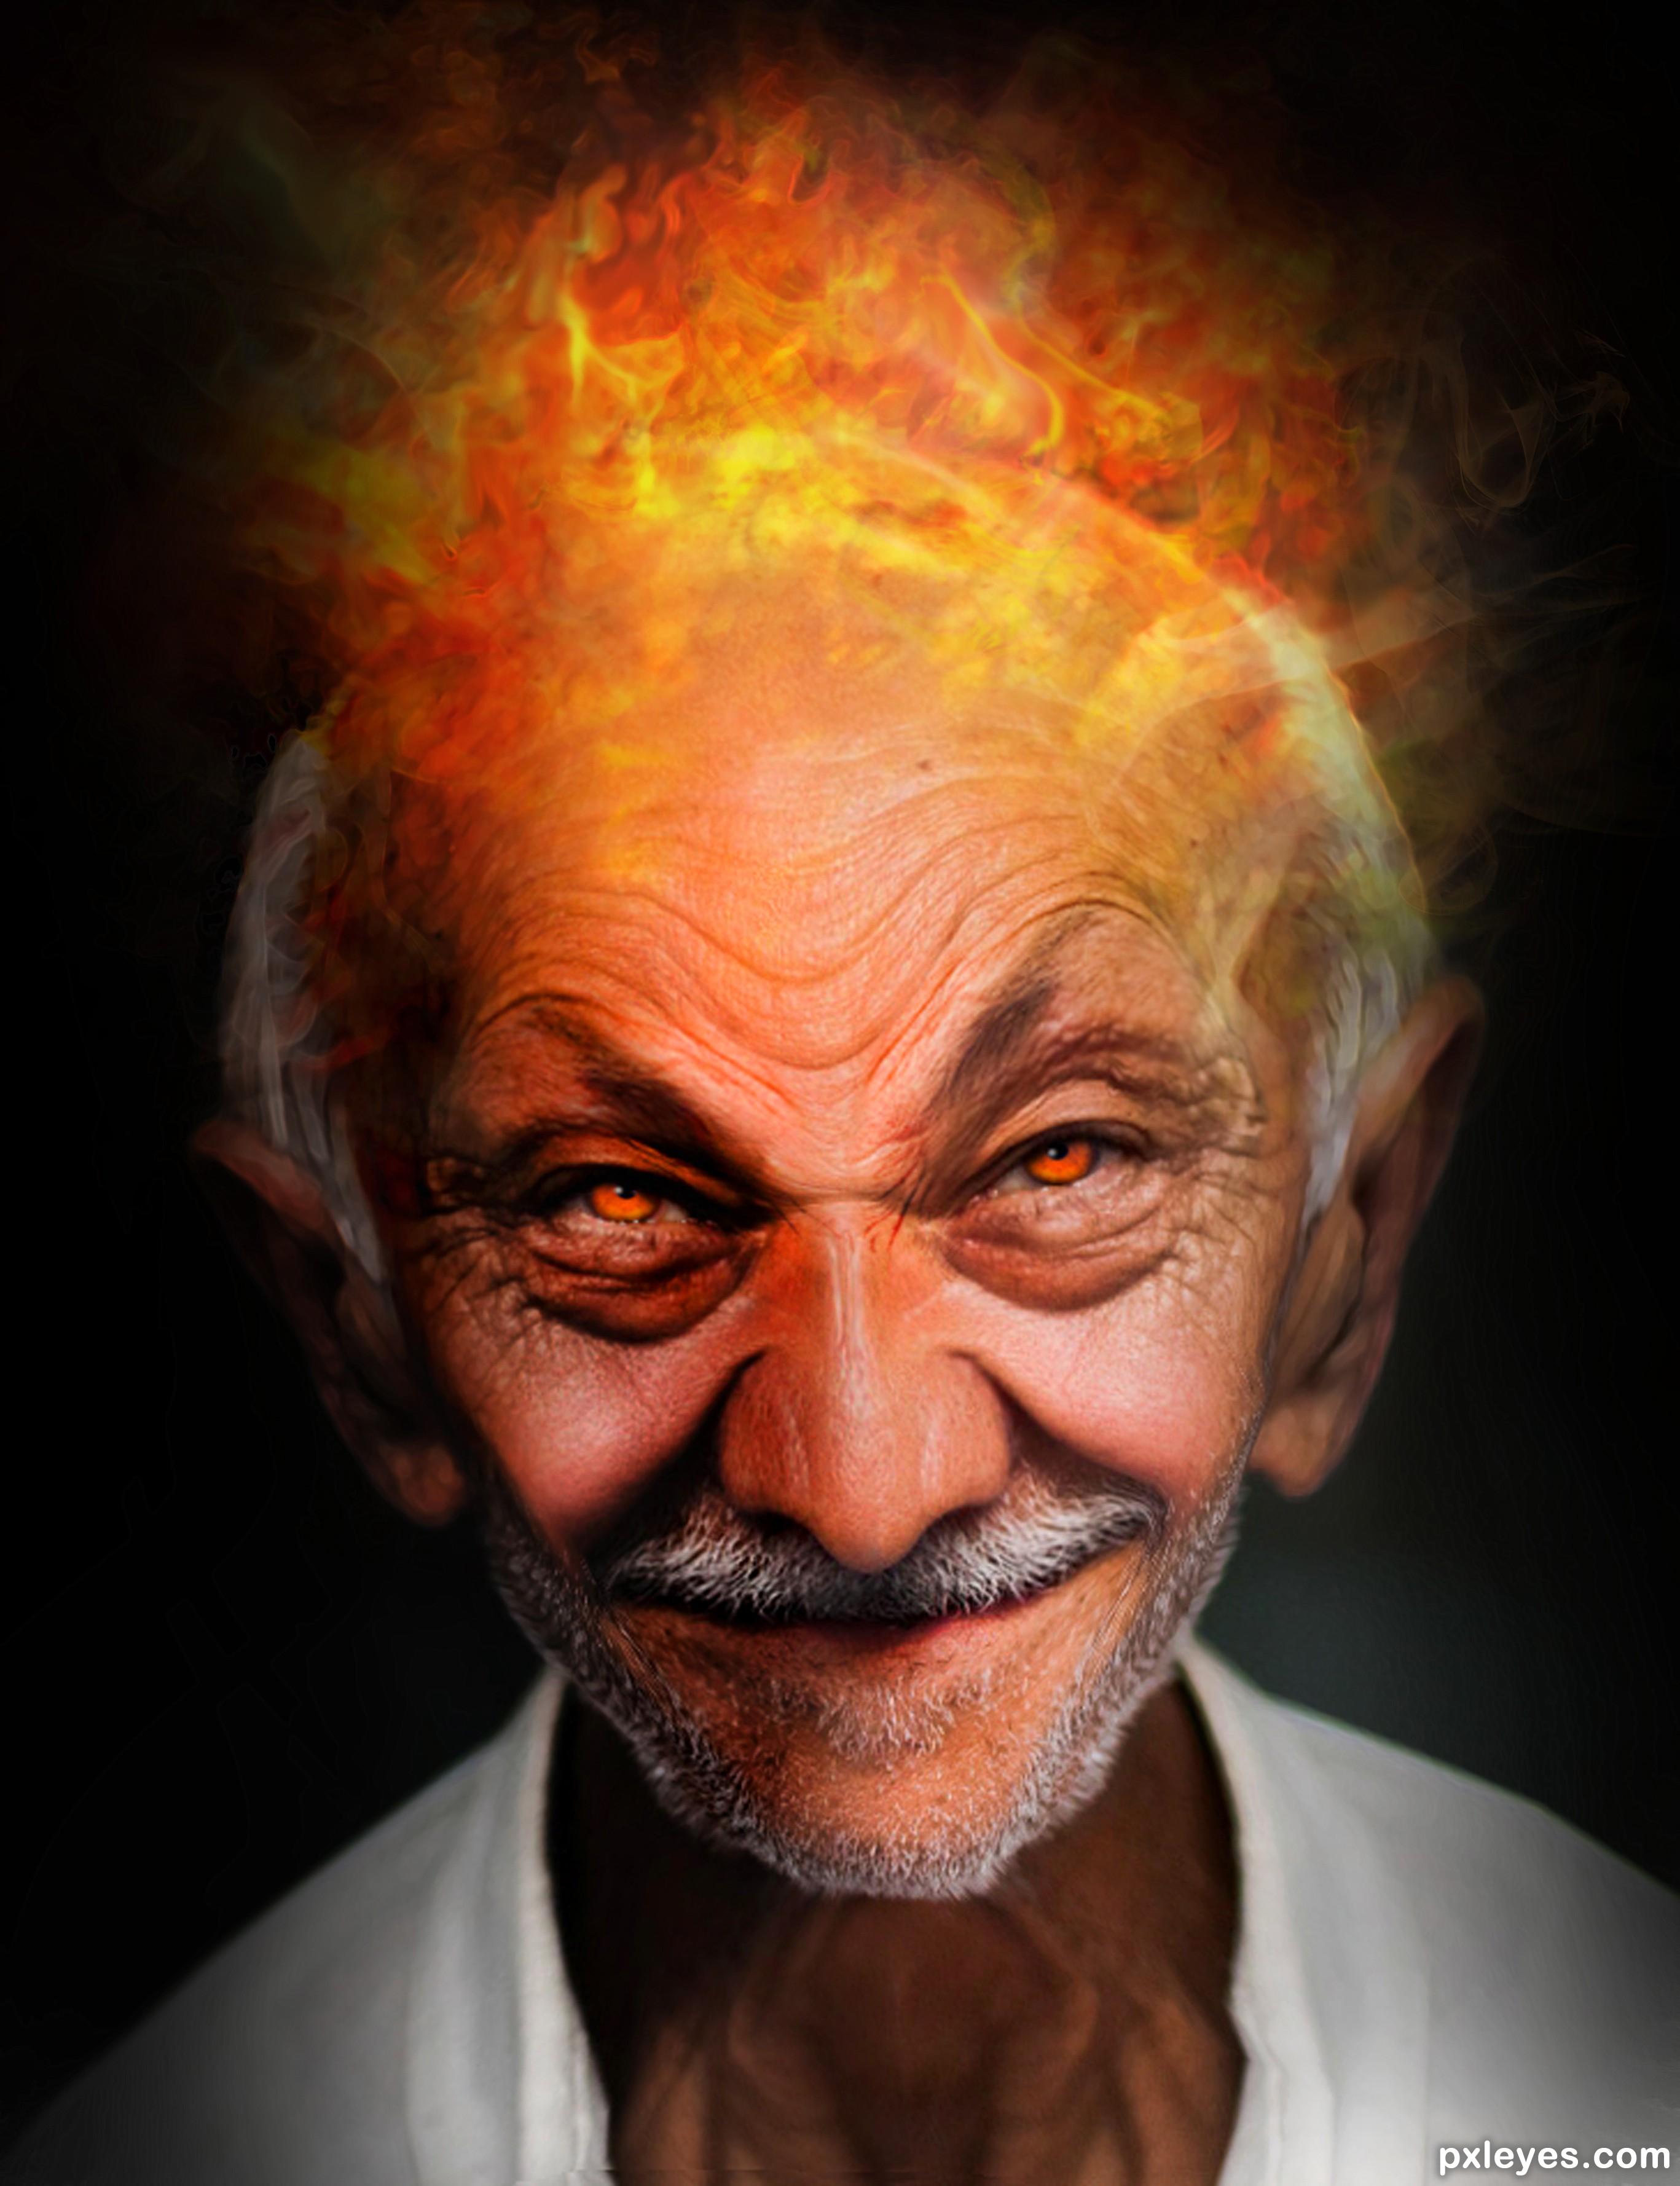 Evil Face Photoshop Contest (21058), Pictures Page 1 - Pxleyes com